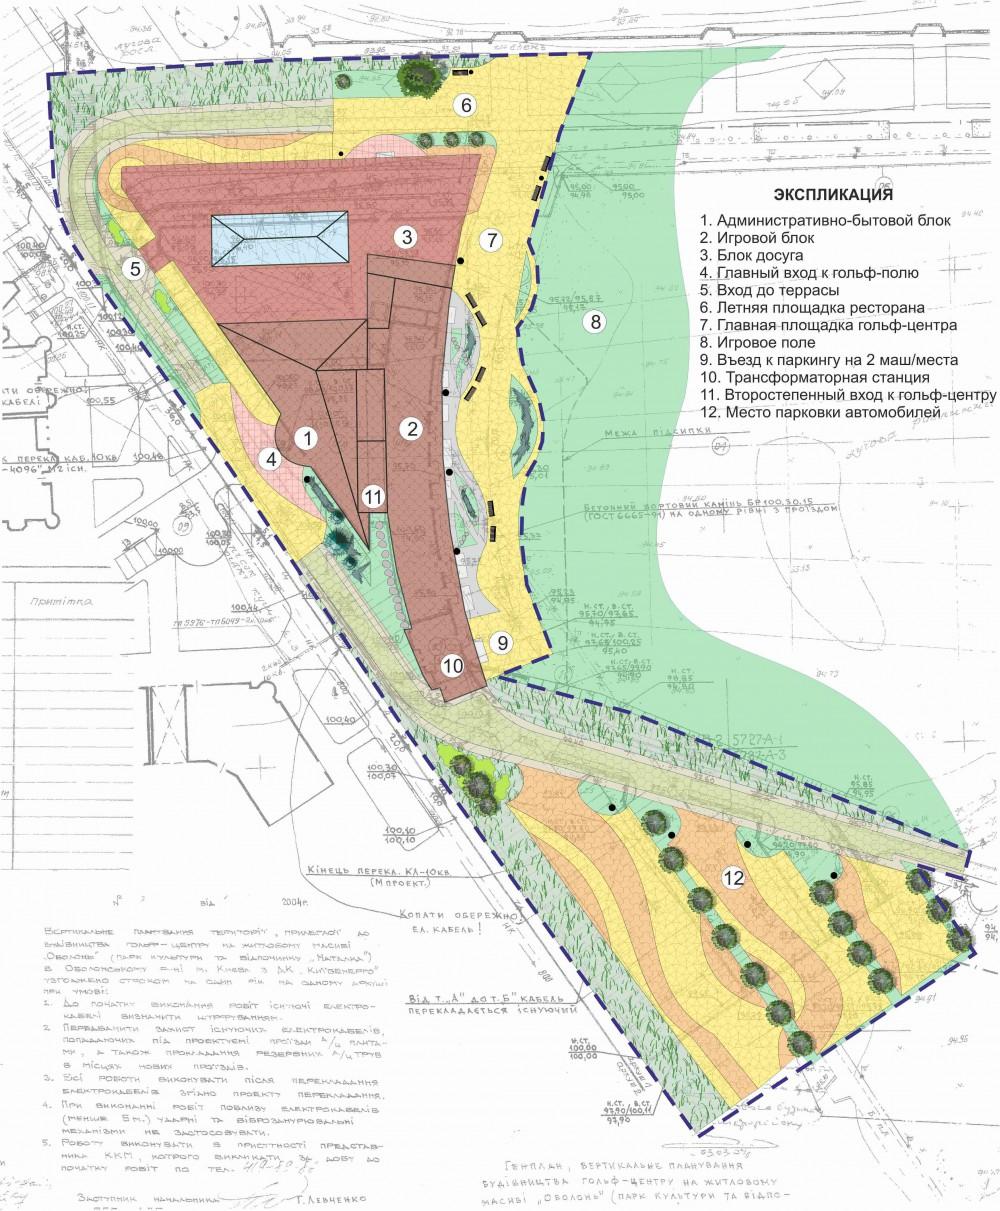 Концепция озеленения и благоустройства территории гольф-центра